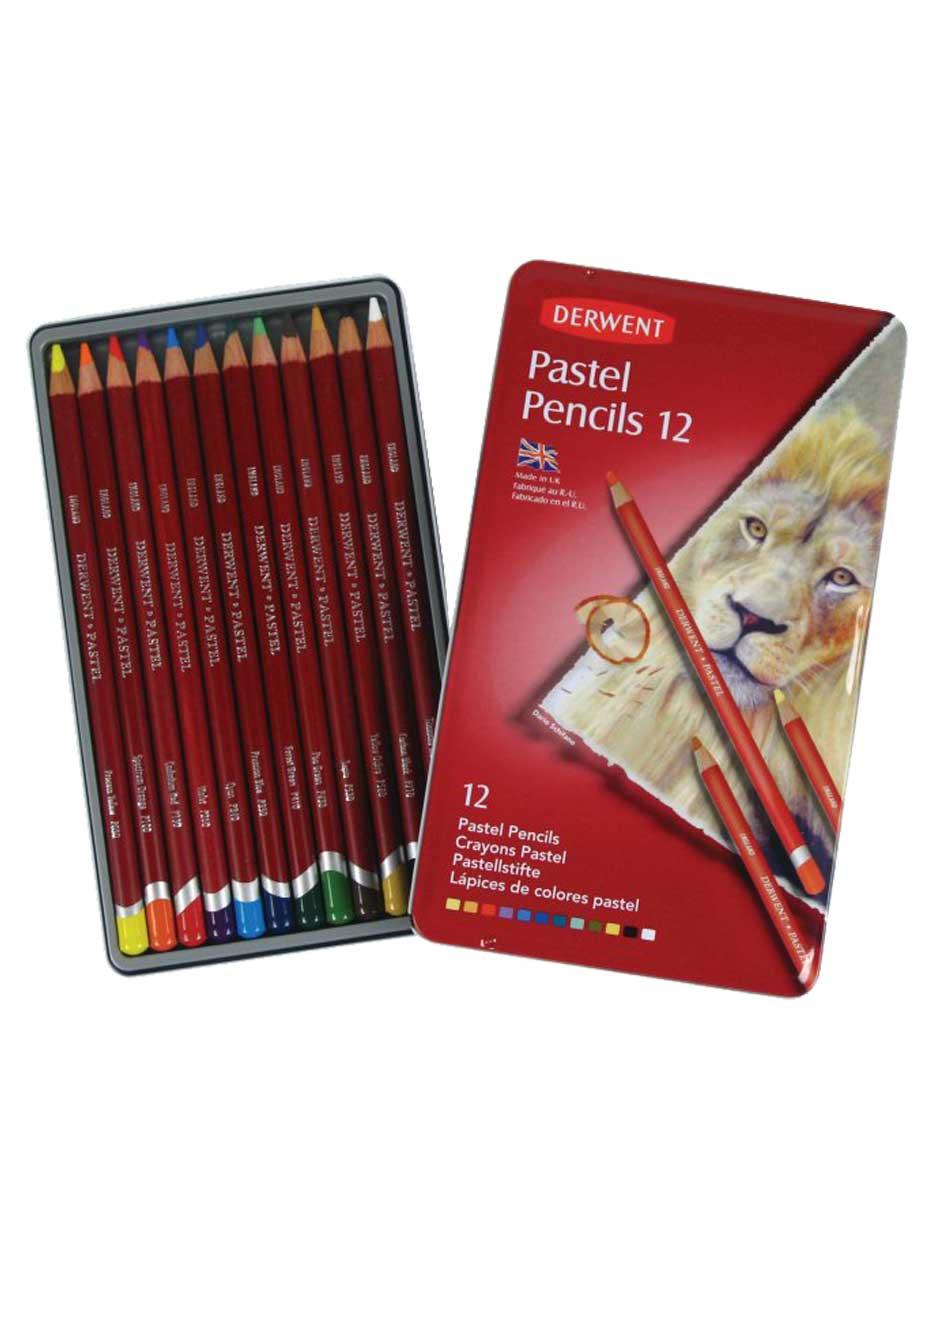 derwent-pastel-12